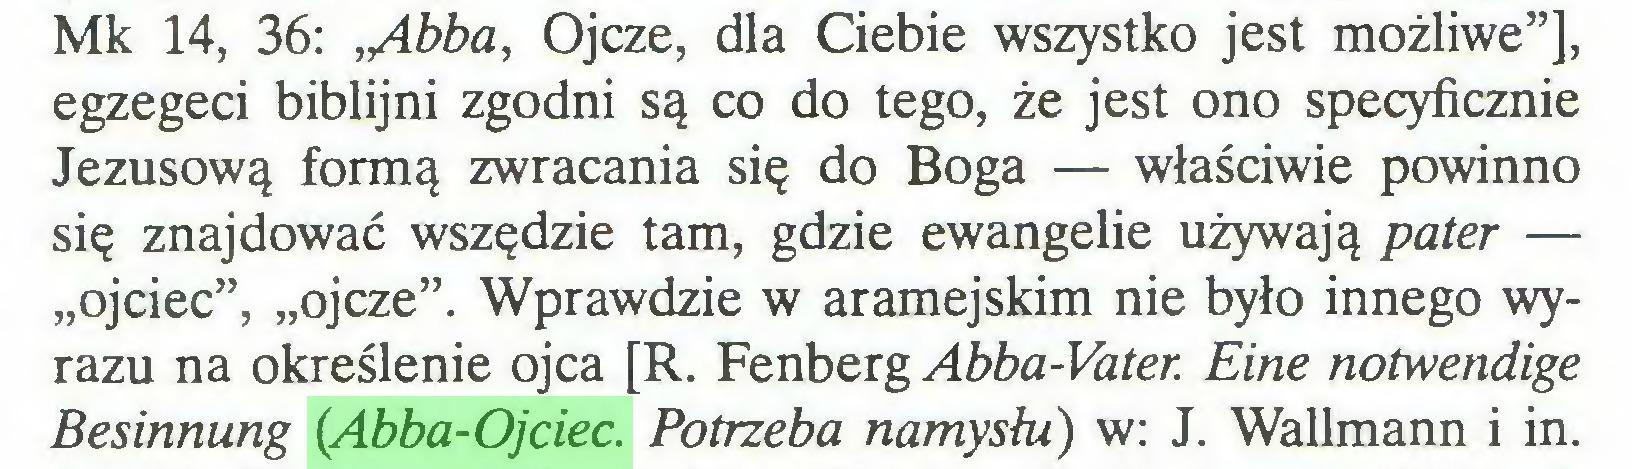 """(...) Mk 14, 36: ,/ibba, Ojcze, dla Ciebie wszystko jest możliwe""""], egzegeci biblijni zgodni są co do tego, że jest ono specyficznie Jezusową formą zwracania się do Boga — właściwie powinno się znajdować wszędzie tam, gdzie ewangelie używają pater — """"ojciec"""", """"ojcze"""". Wprawdzie w aramejskim nie było innego wyrazu na określenie ojca [R. Fenberg Abba-Vater. Eine notwendige Besinnung (Abba-Ojciec. Potrzeba namysłu) w: J. Wallmann i in..."""